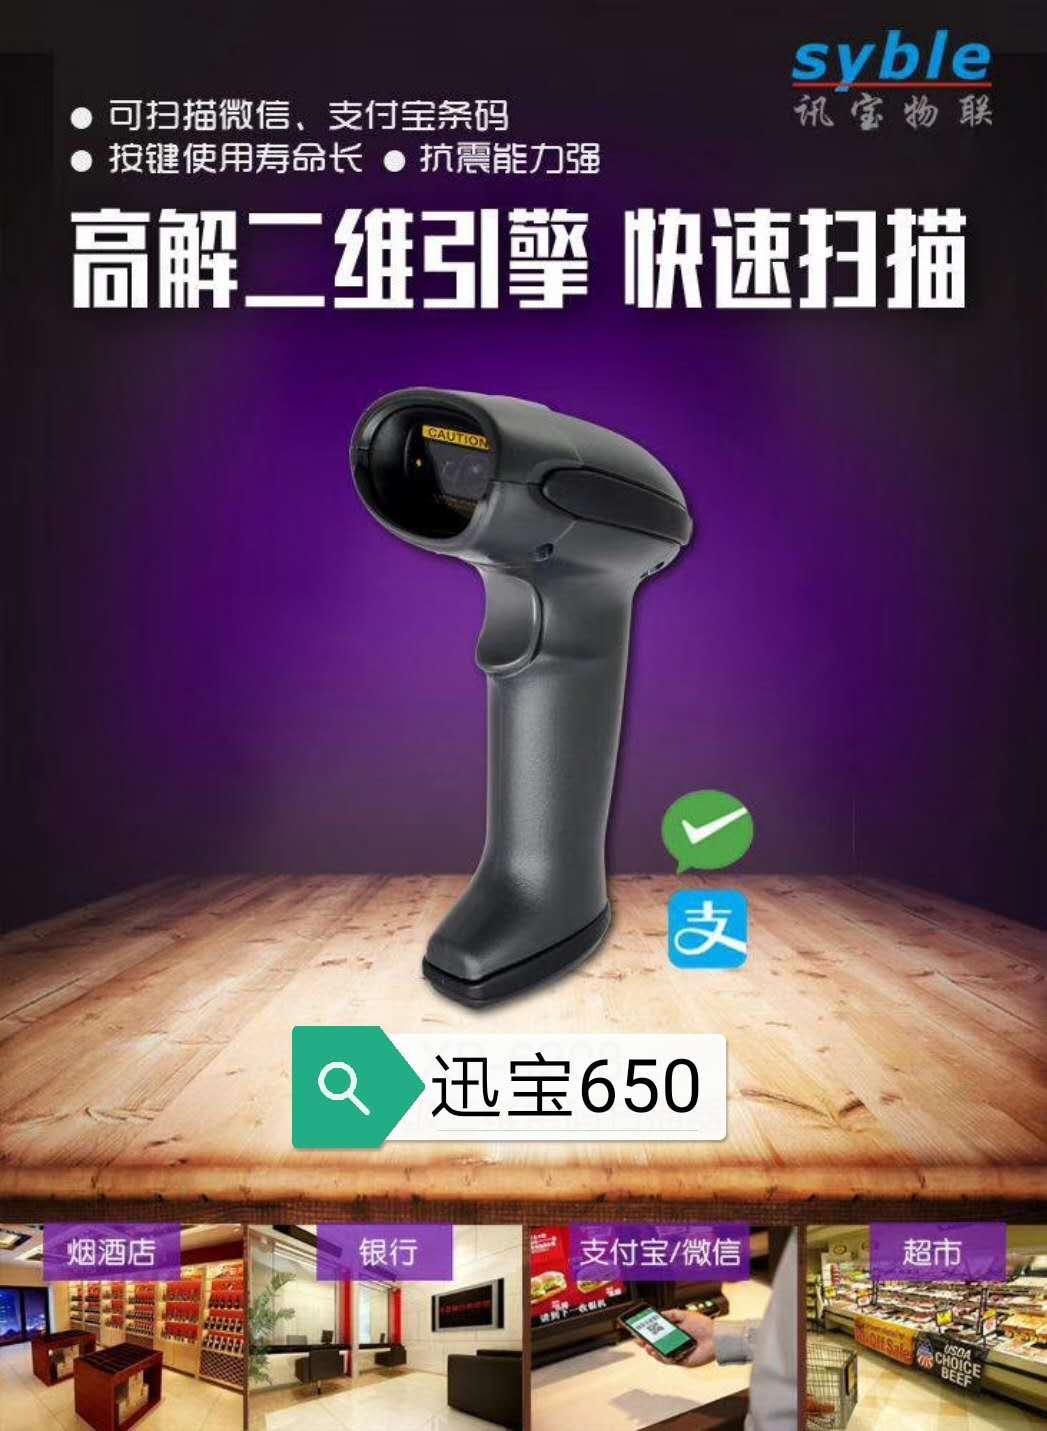 讯宝650二维扫描枪